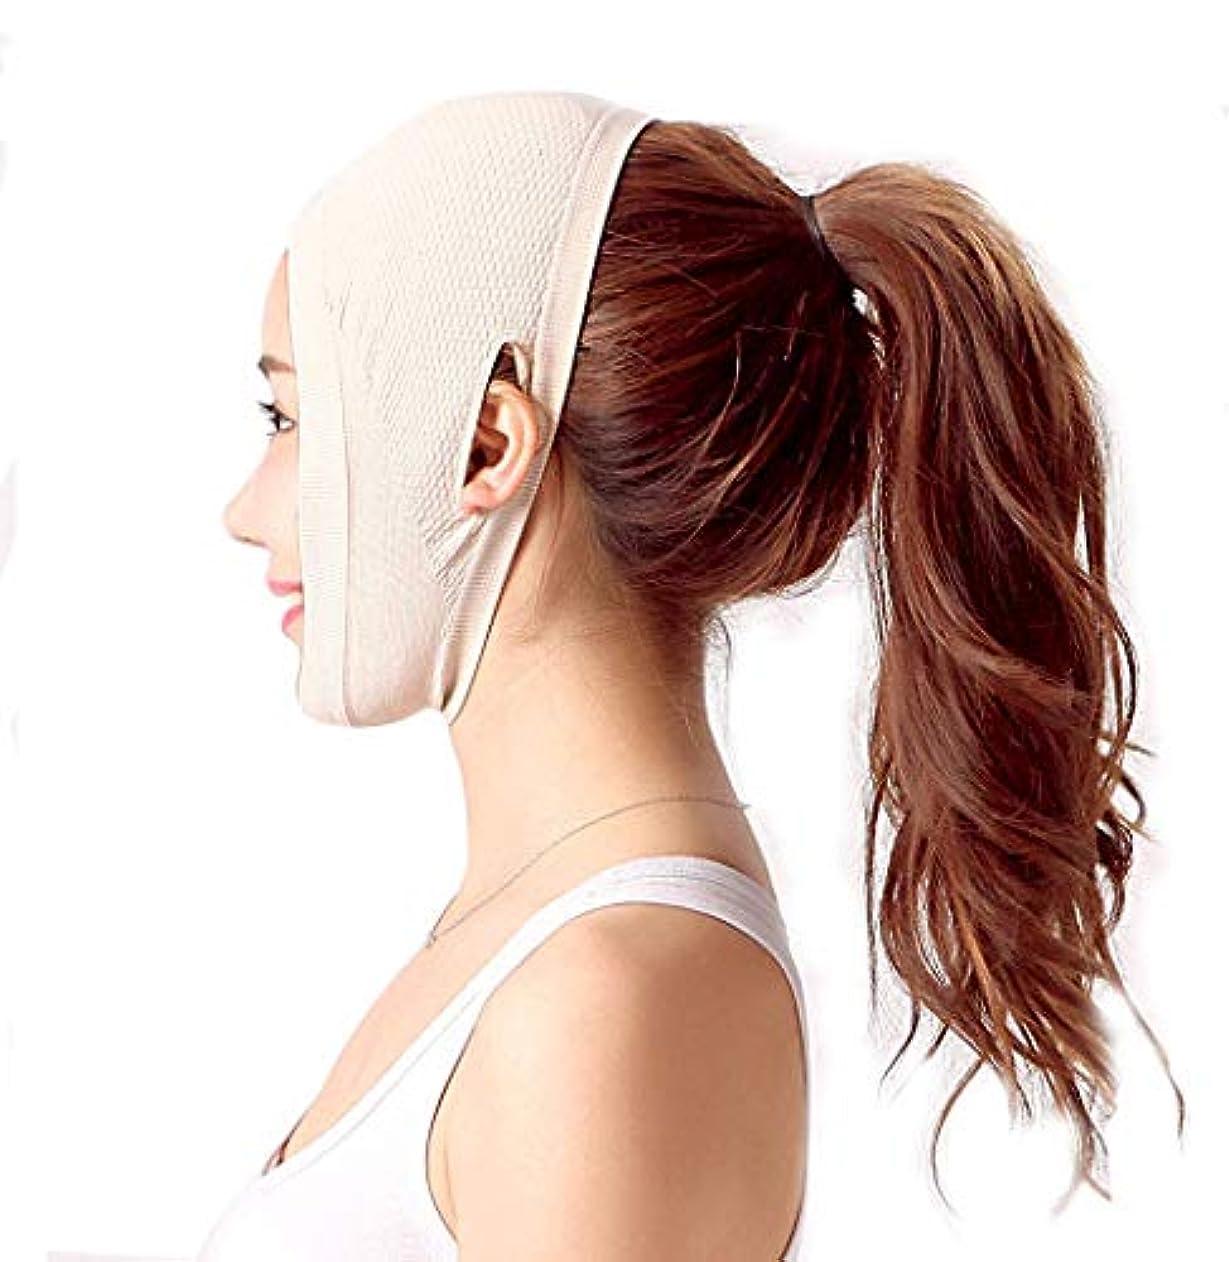 感嘆アッティカス排出整形外科手術後の回復ヘッドギア医療マスク睡眠Vフェイスリフティング包帯薄いフェイスマスク(サイズ:肌の色(A)),肌の色調(A)